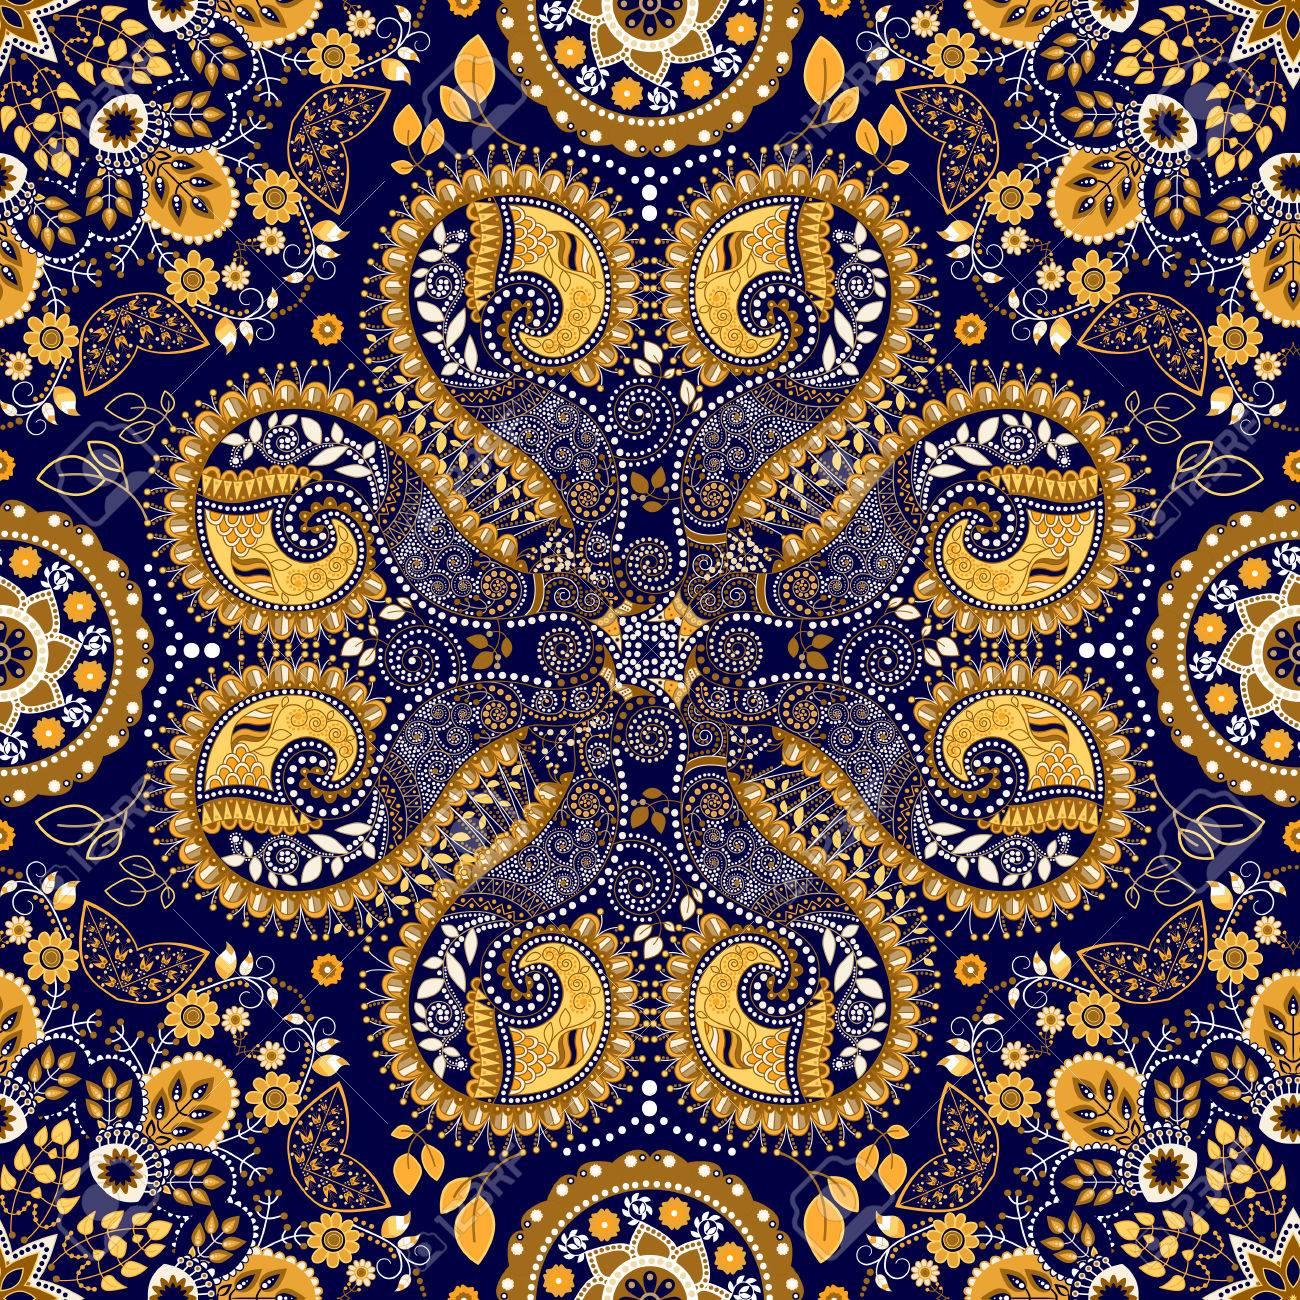 Bleu Seamless Indien Fond D Ecran Fantasy Ornementale Clip Art Libres De Droits Vecteurs Et Illustration Image 45889719